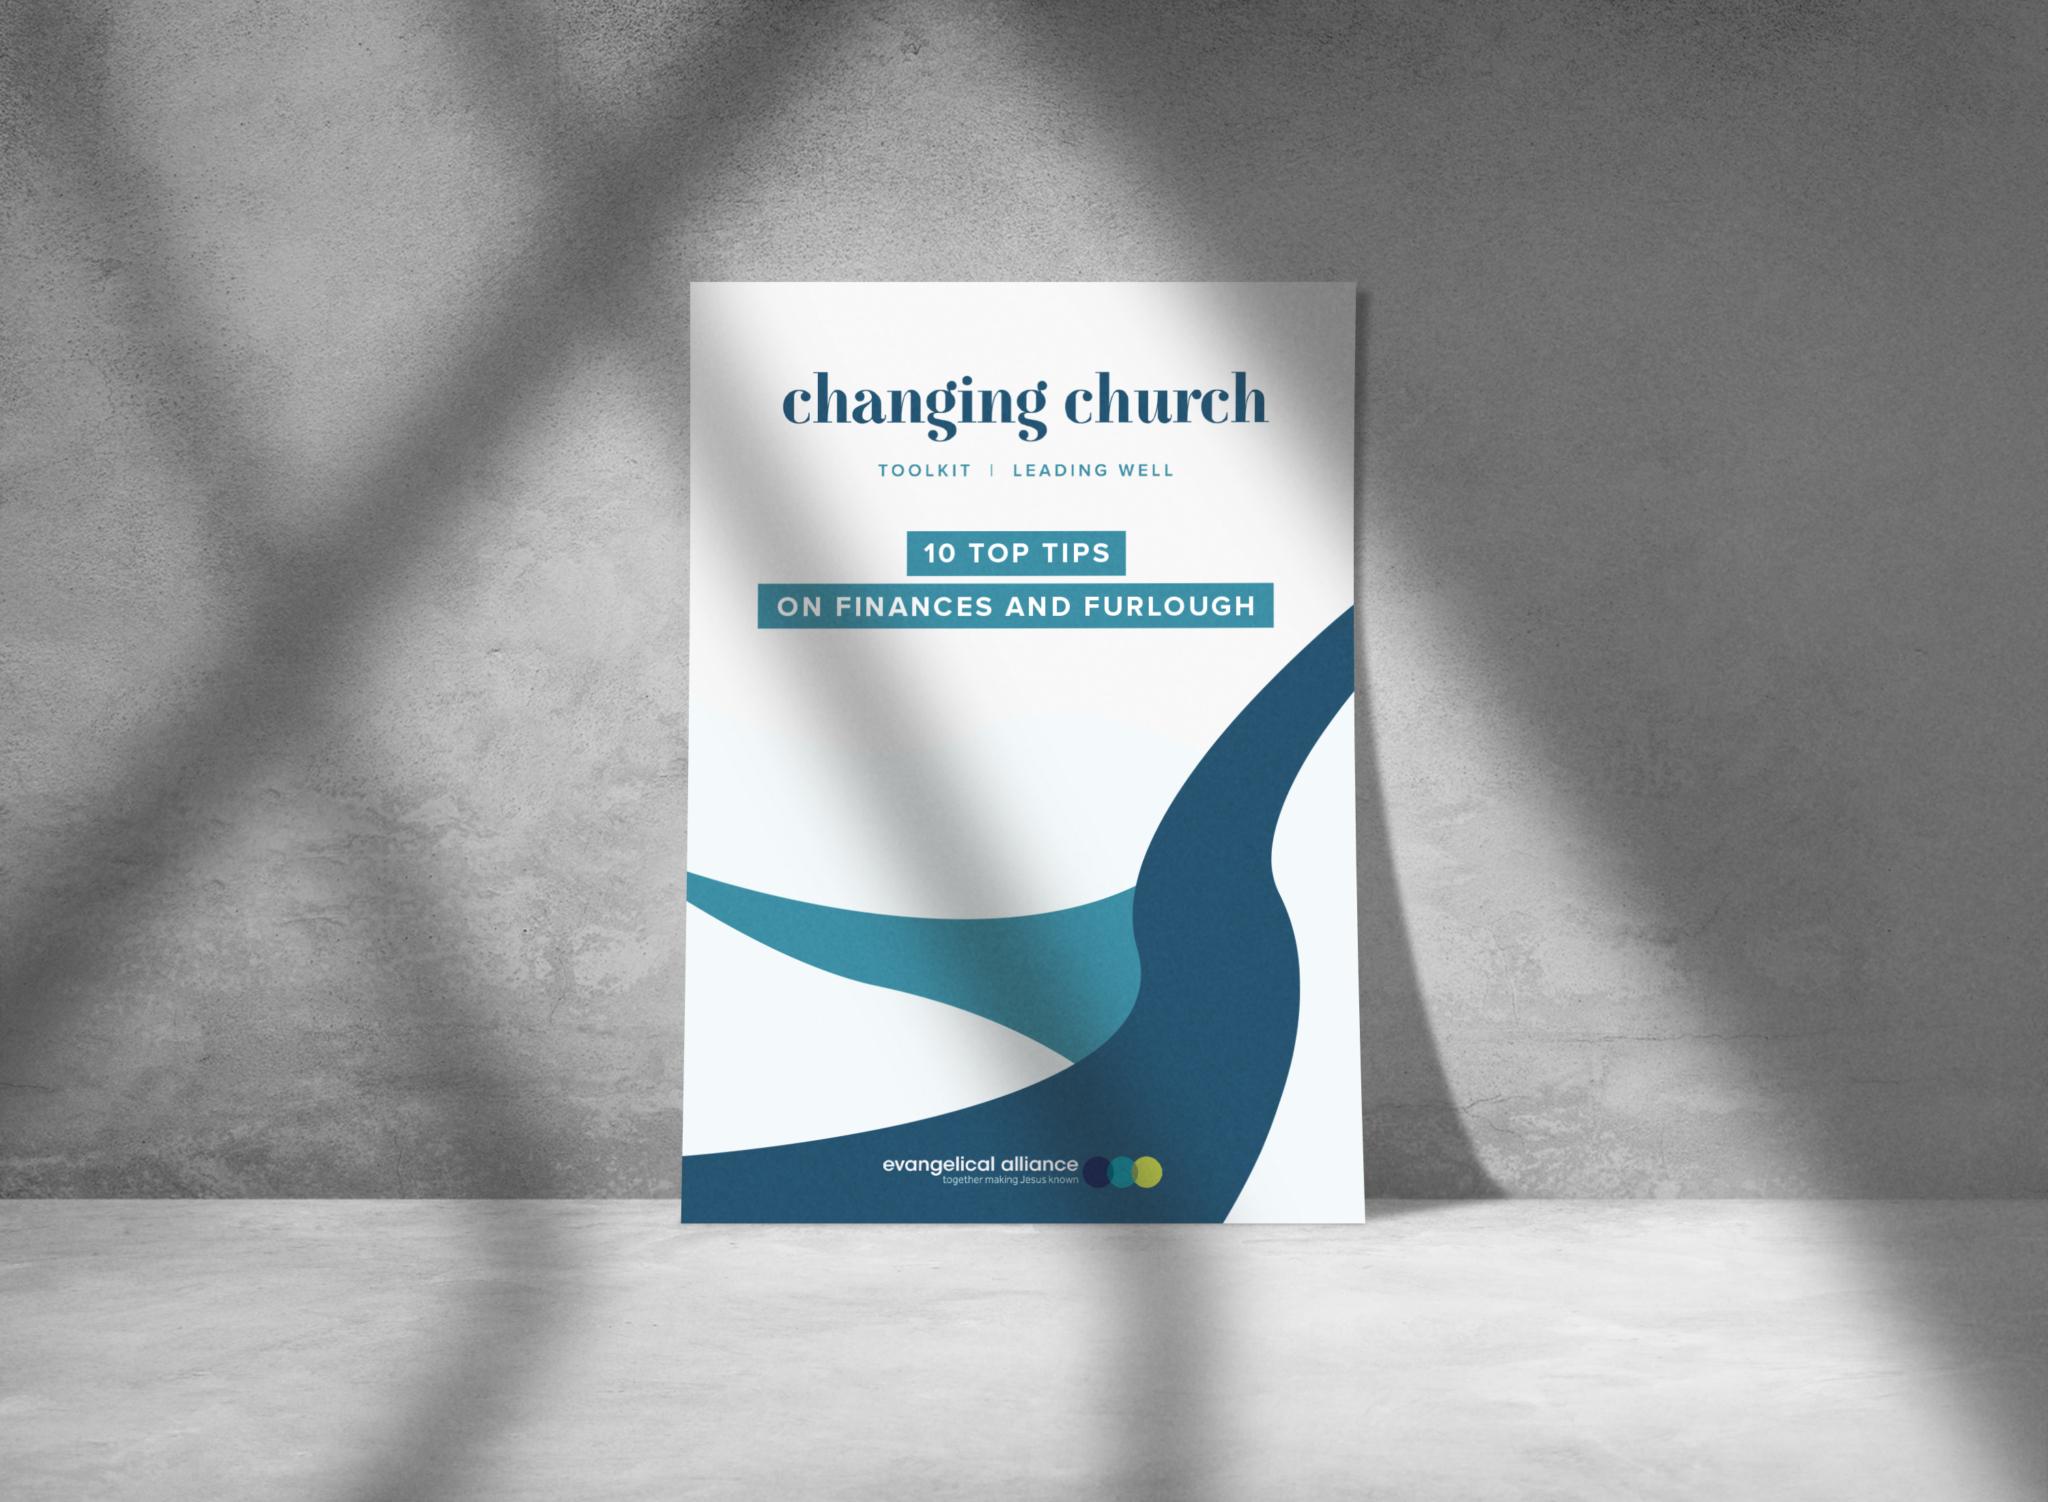 Changing church 10 top tips finance furlough